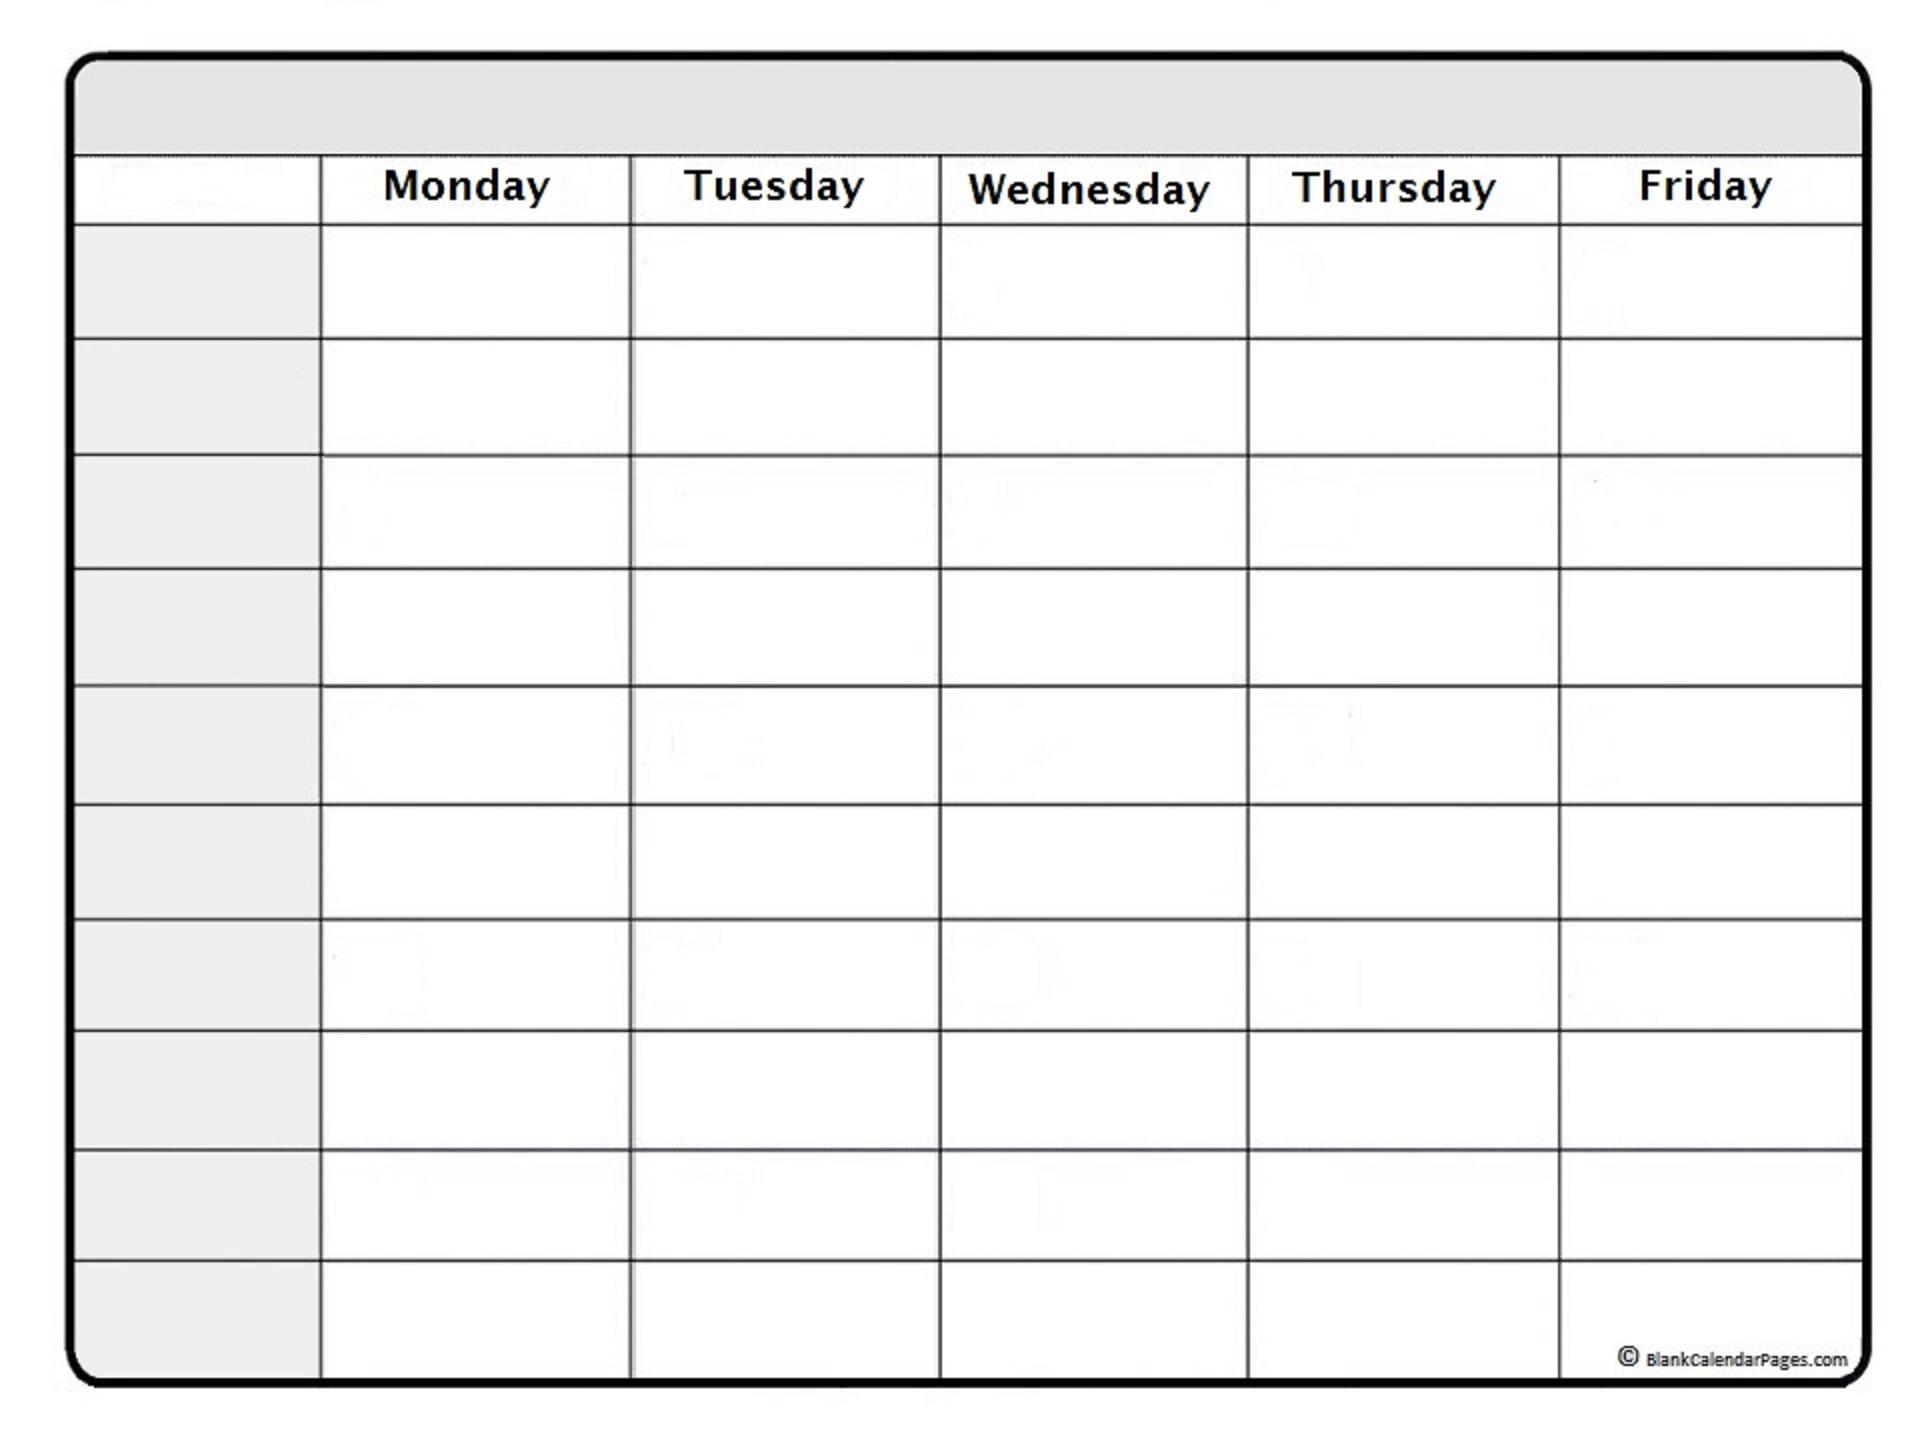 July 2021 Weekly Calendar July 2021 Weekly Calendar Template